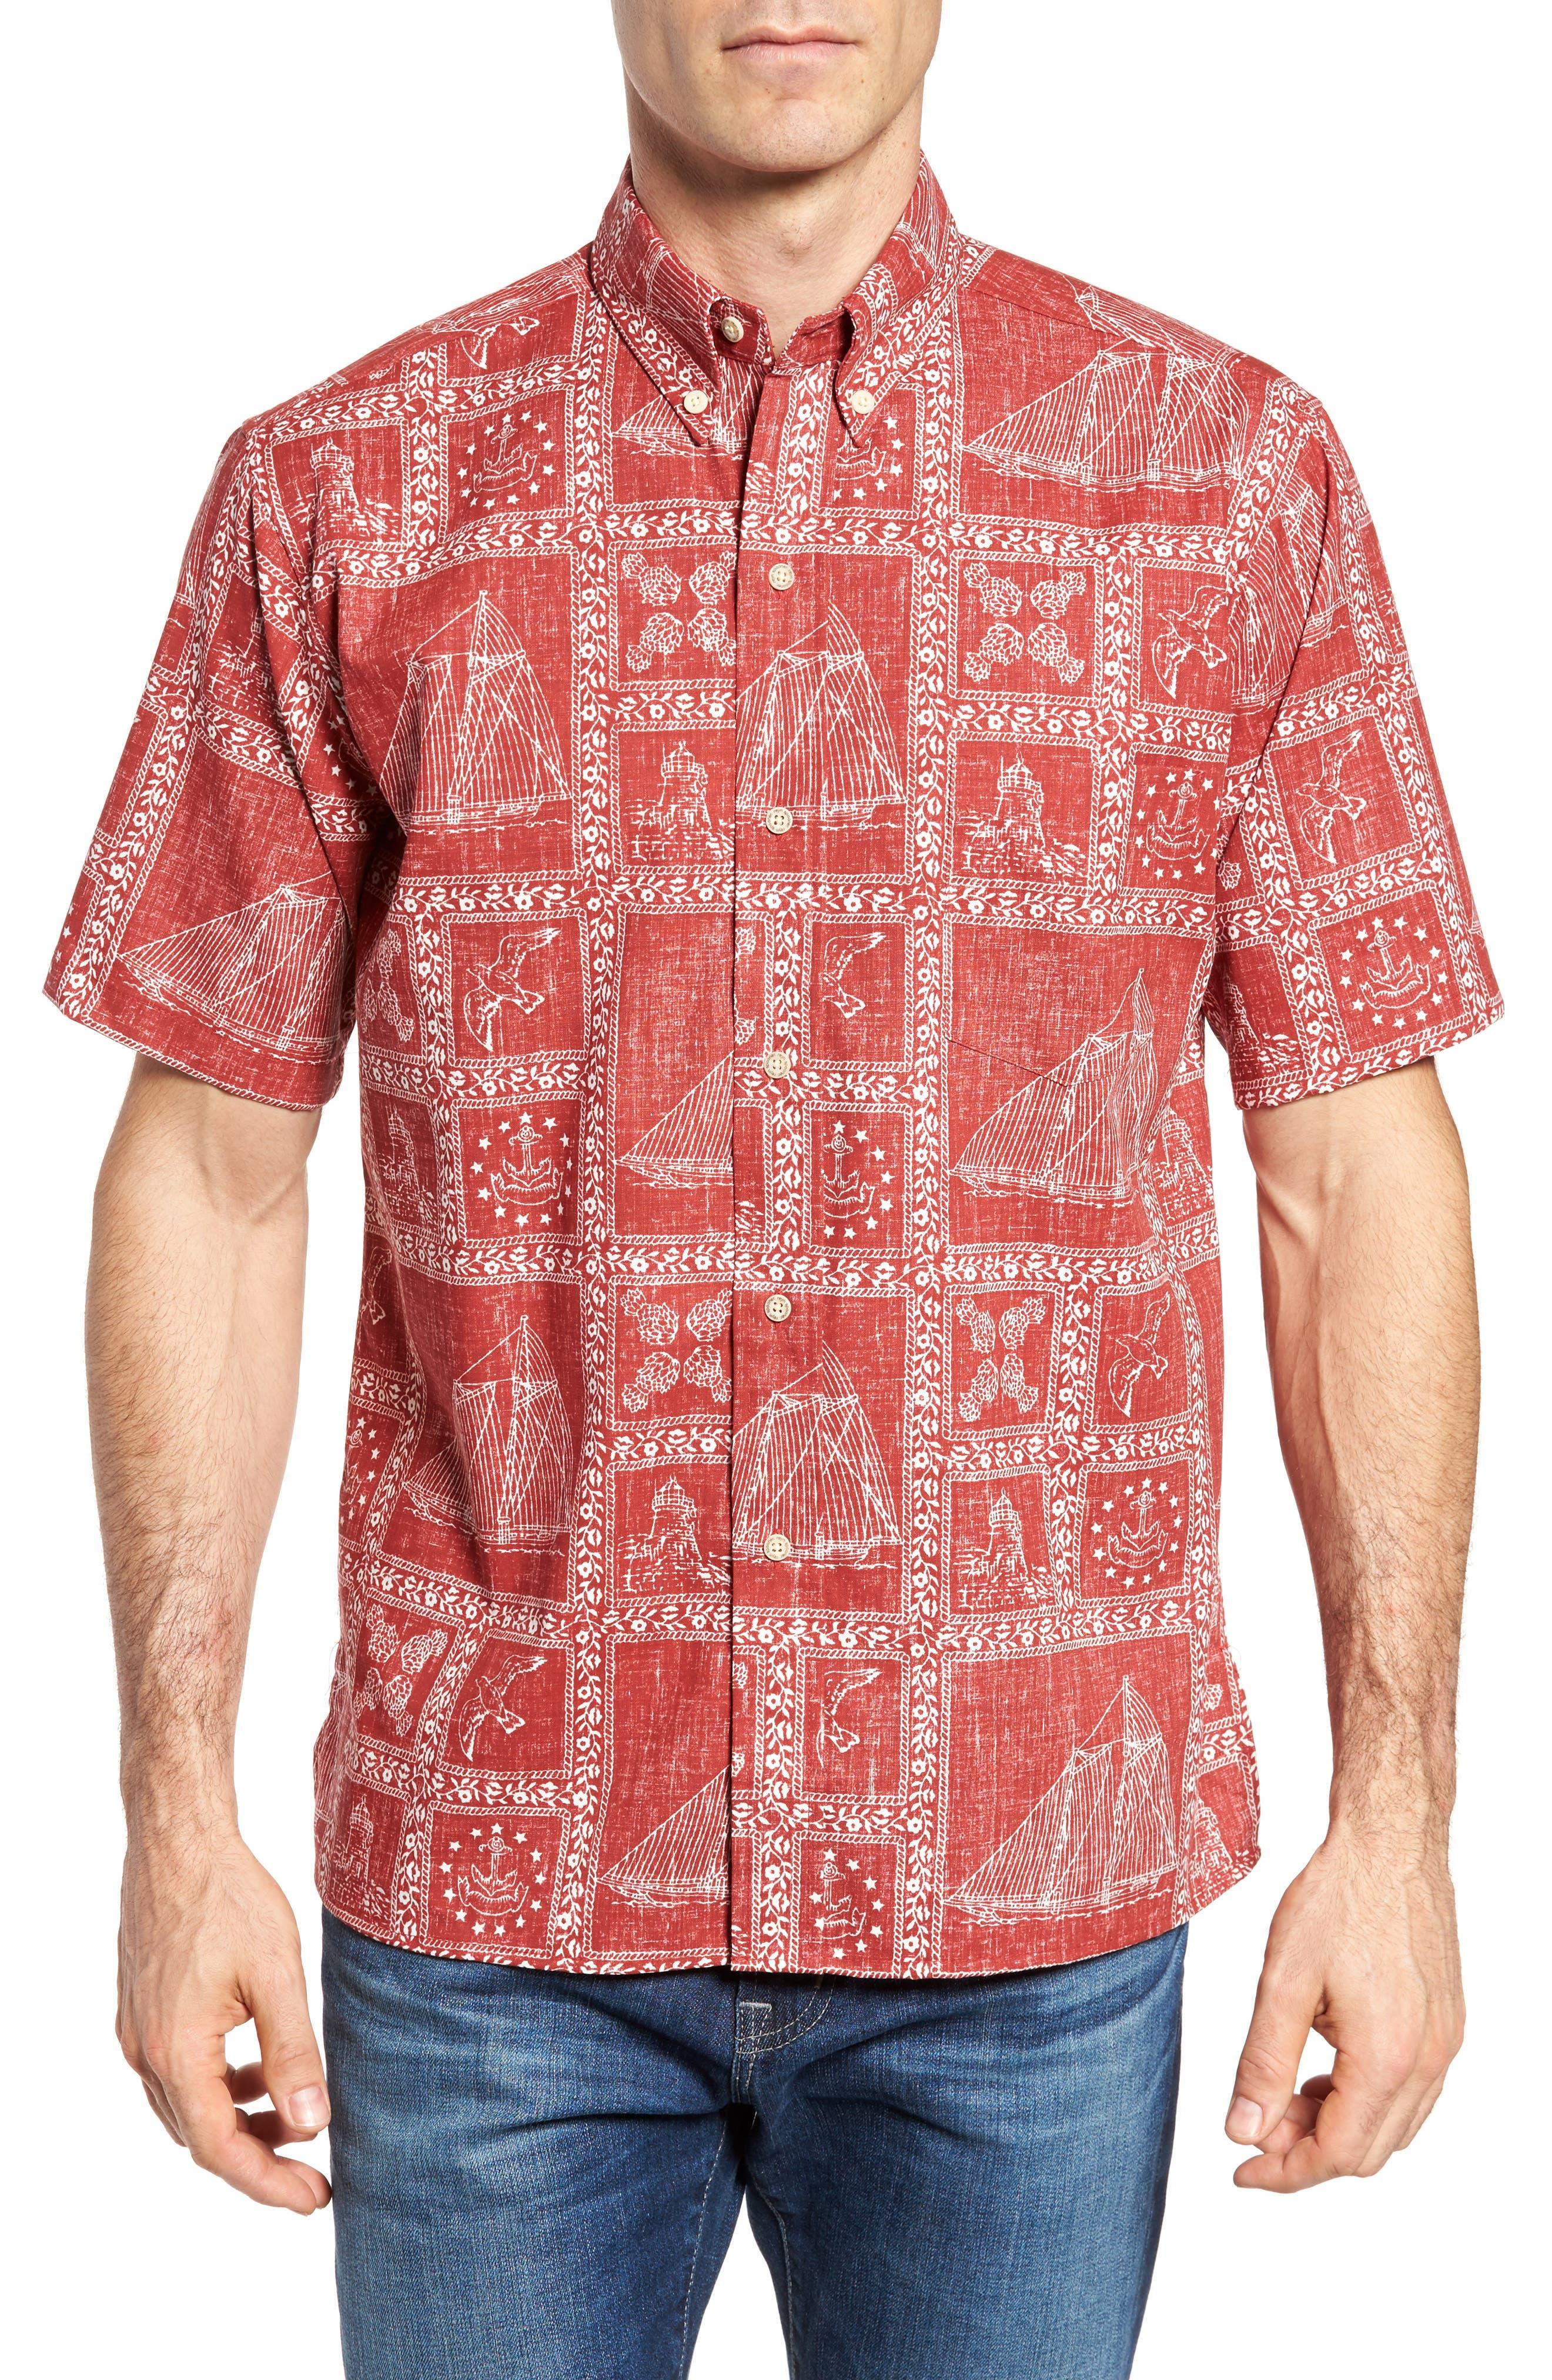 Alternate Image 1 Selected - Reyn Spooner Newport Sailor Classic Fit Print Sport Shirt